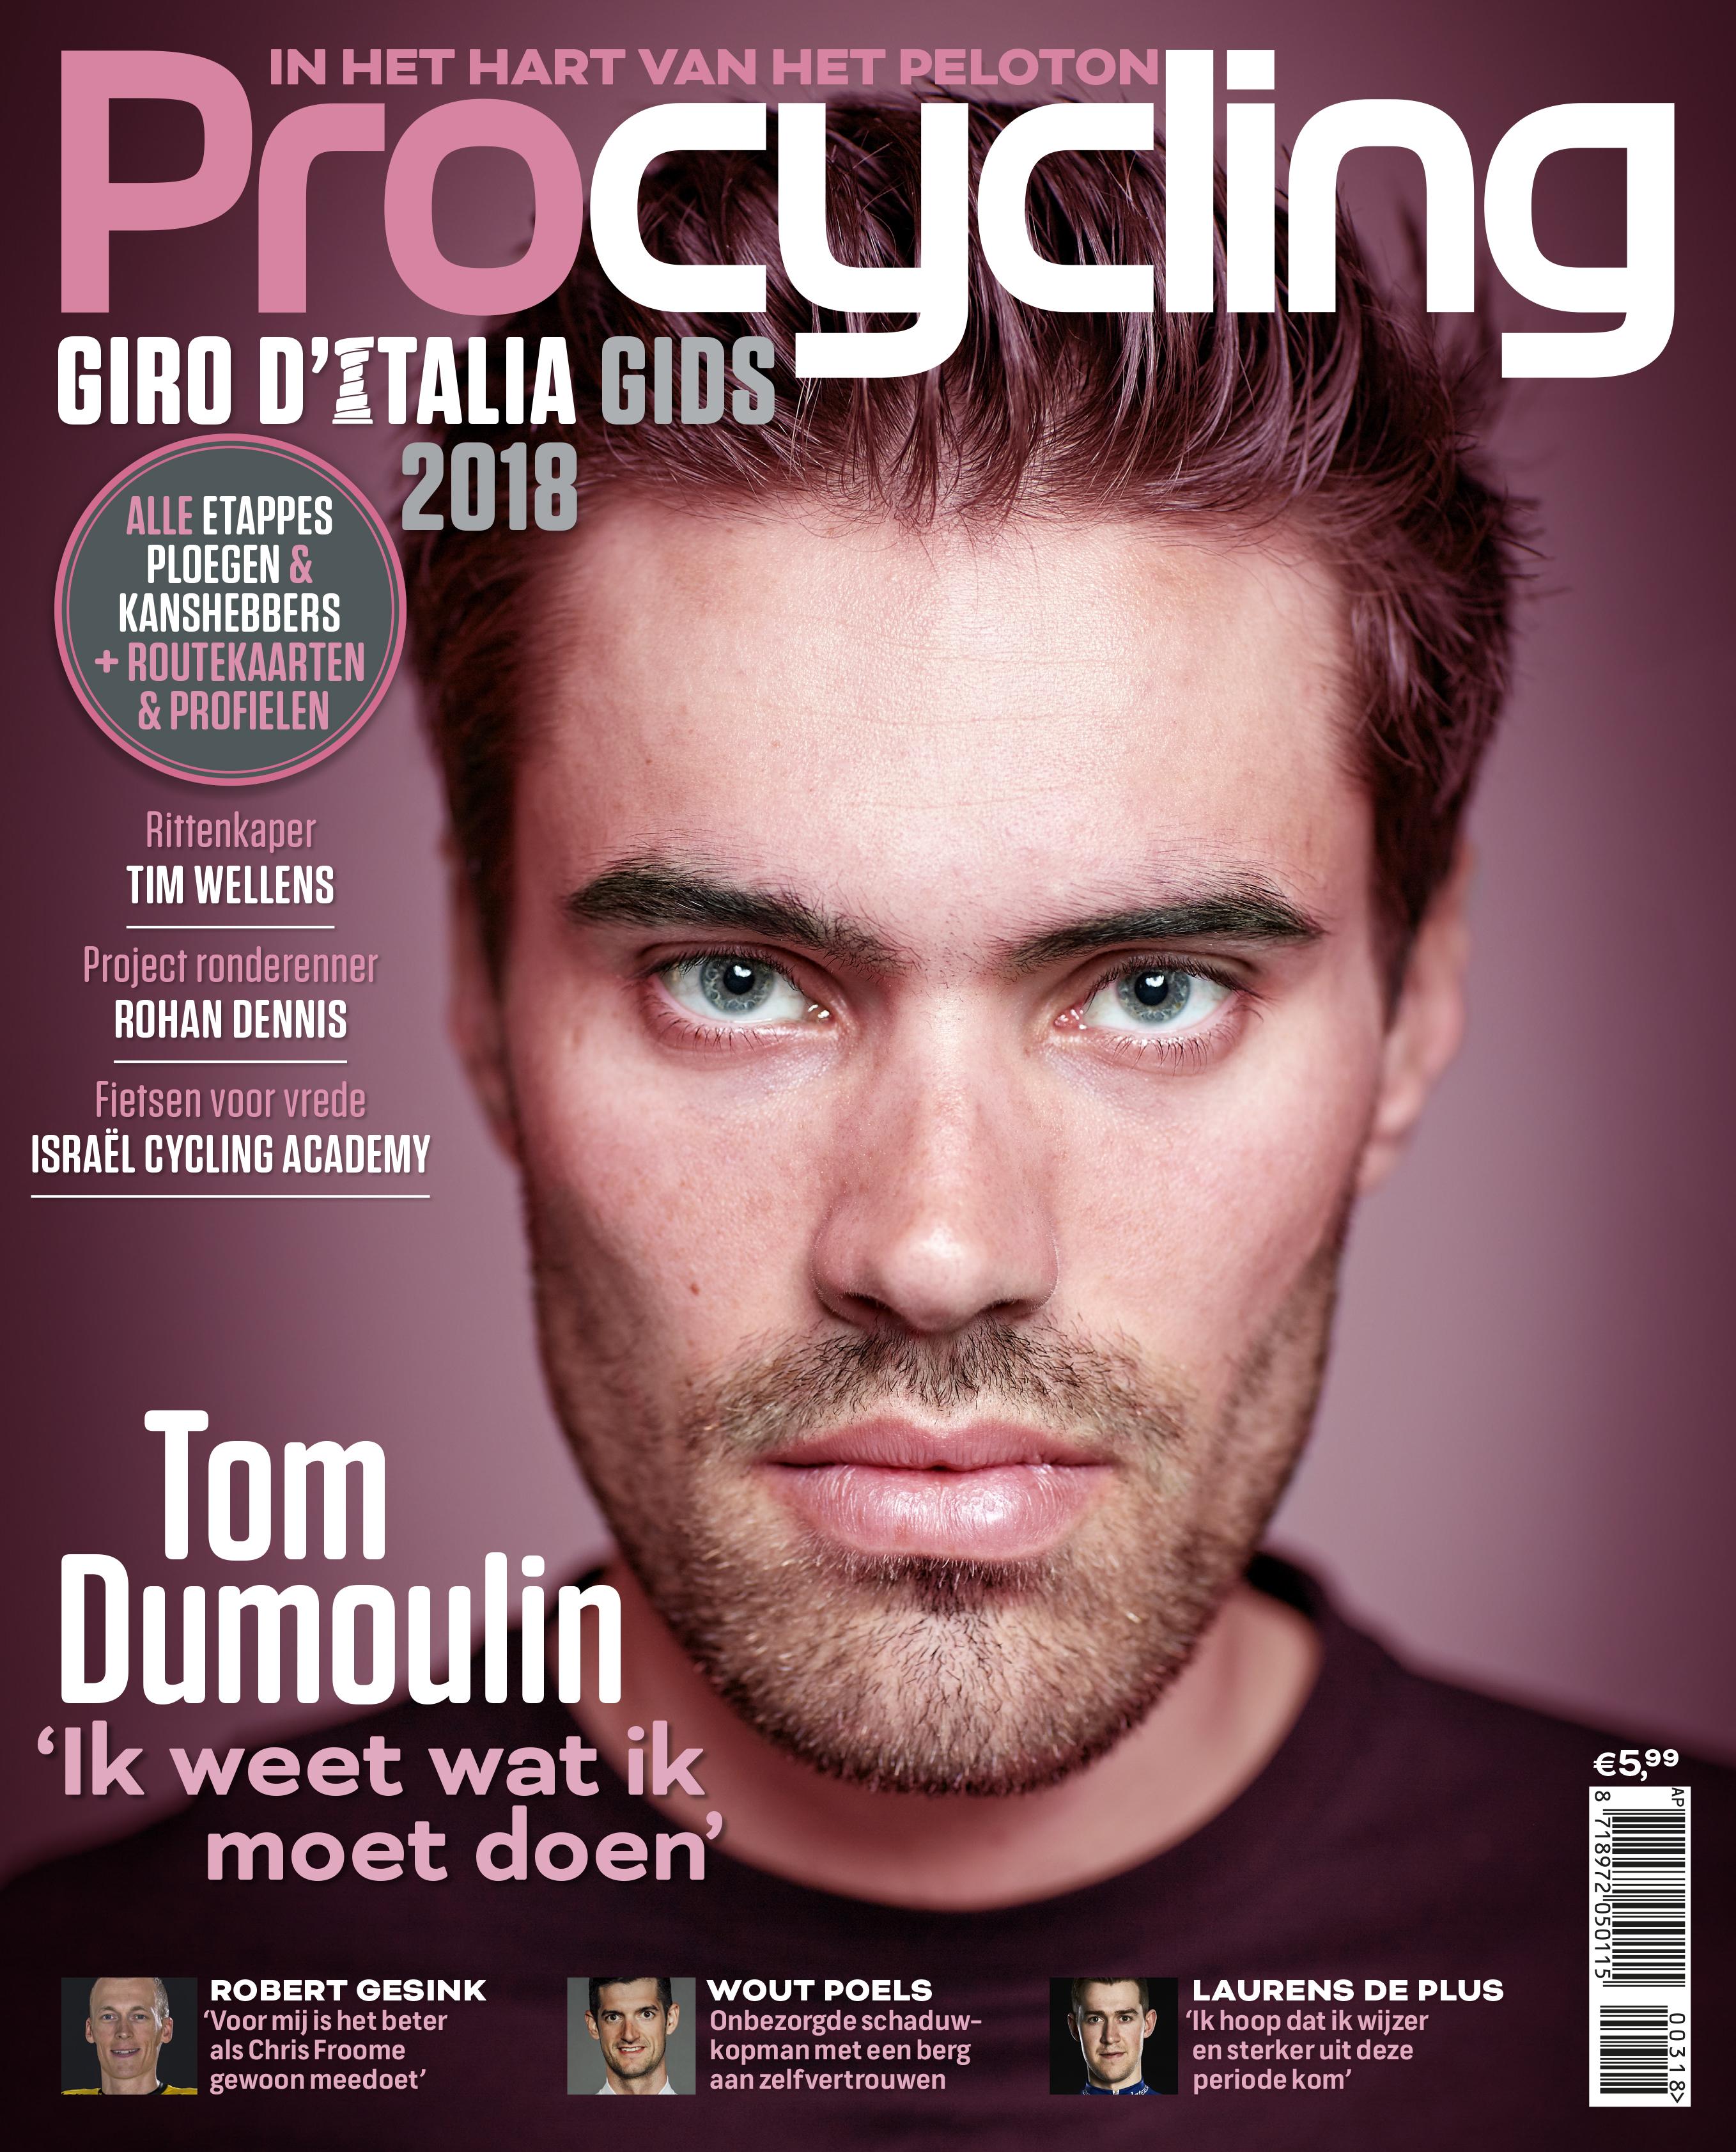 Afbeeldingsresultaat voor procycling magazine nederland cover